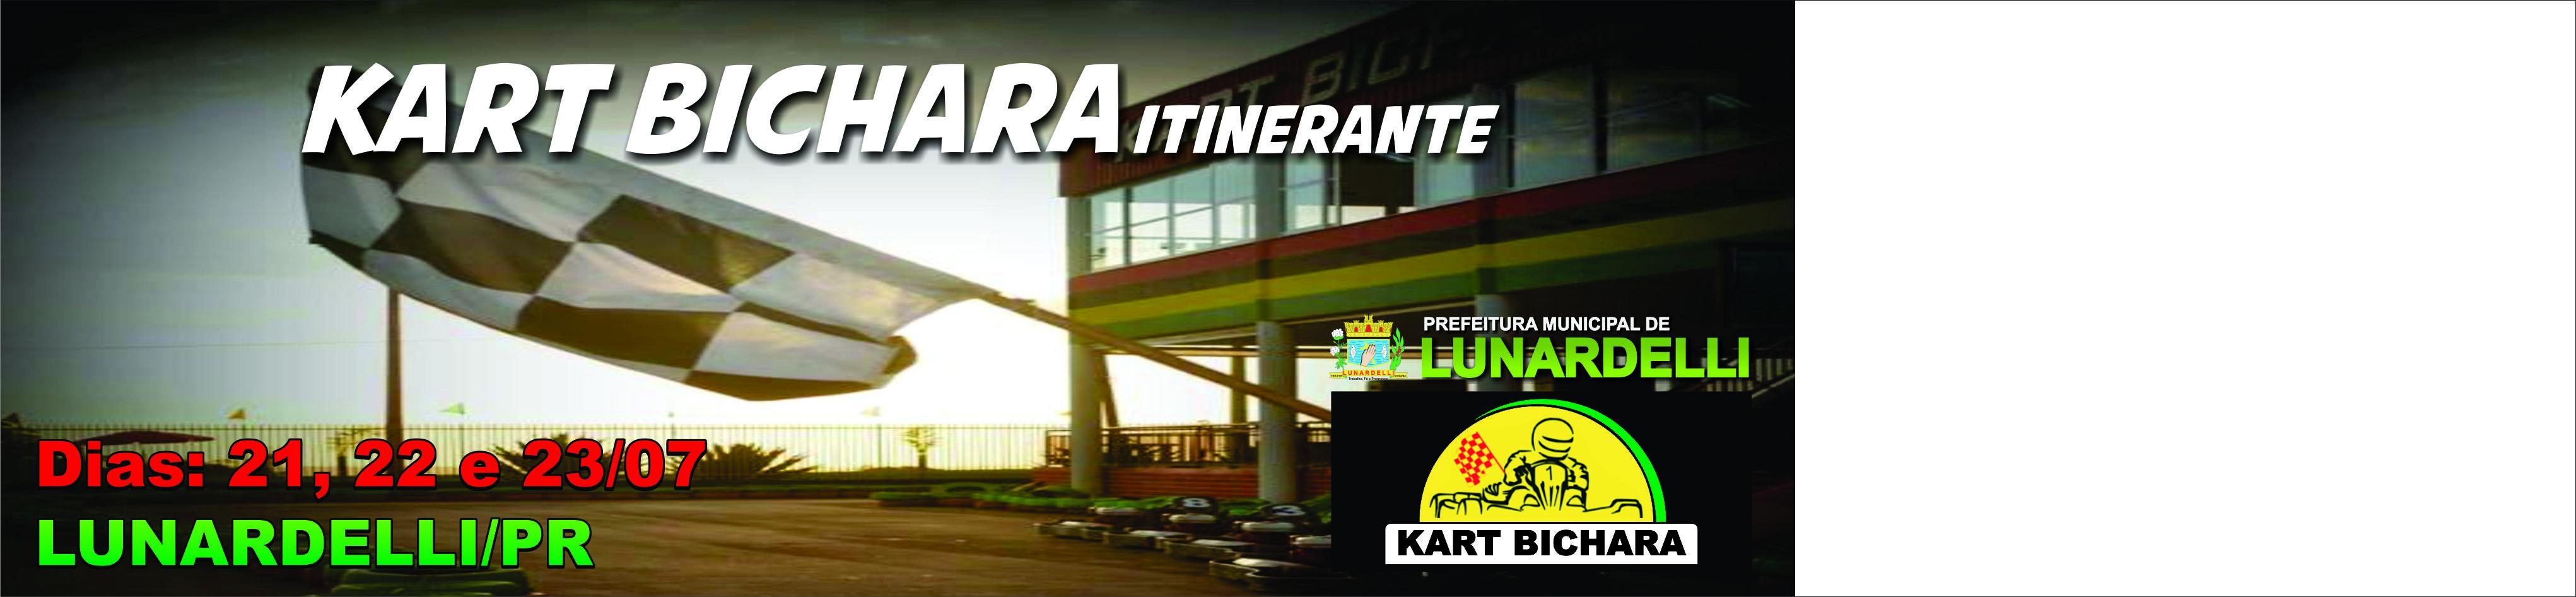 Kart Bichara Itinerante - Dia: 21, 22 e 23/07